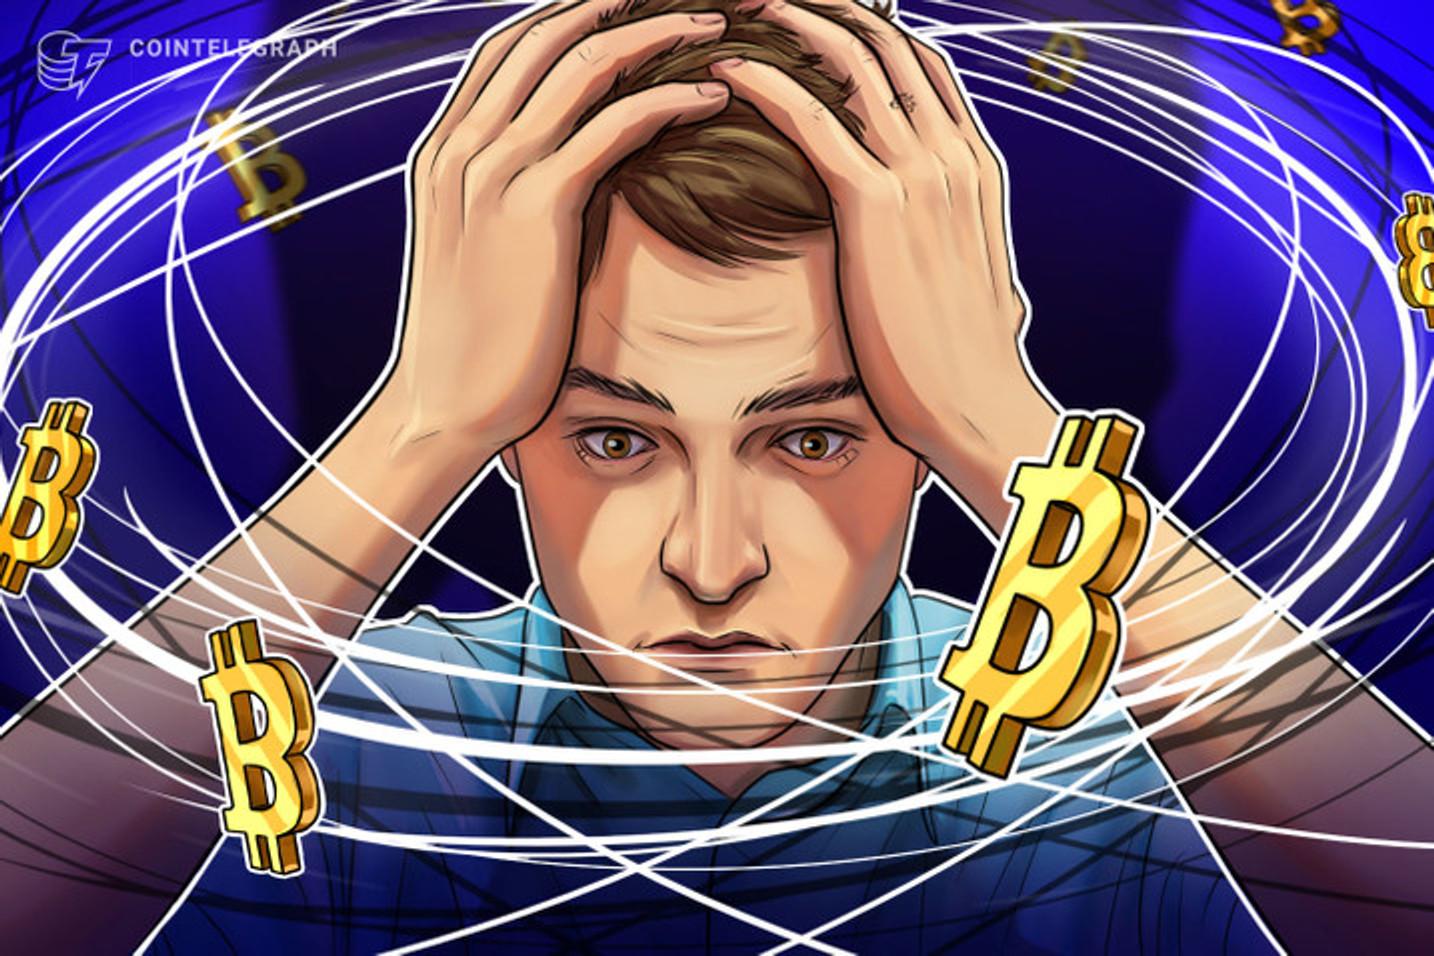 Raoul Pal critica maximalistas do Bitcoin no Twitter e gera polêmica com Adam Back e Max Keiser